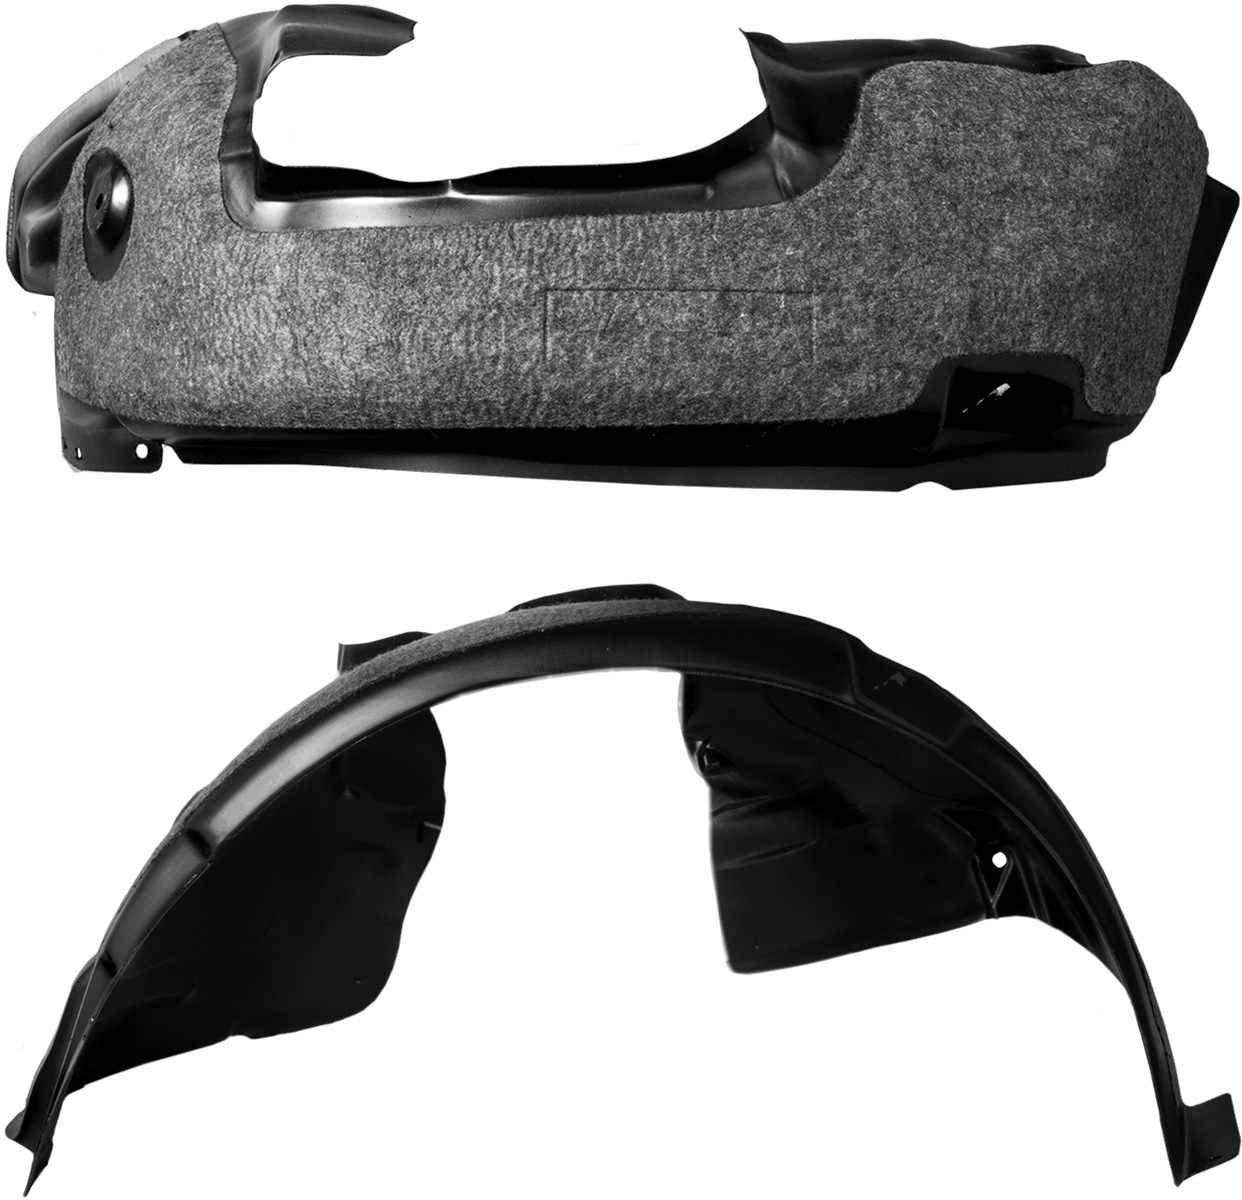 Подкрылок с шумоизоляцией Novline-Autofamily, для Peugeot Boxer, 08/2014 ->, с расширителями арок (передний правый)000413Подкрылок с шумоизоляцией - революционный продукт, совмещающий в себе все достоинства обычного подкрылка, и в то же время являющийся одним из наиболее эффективных средств борьбы с внешним шумом в салоне автомобиля. Подкрылки бренда Novline-Autofamily разрабатываются индивидуально для каждого автомобиля с использованием метода 3D-сканирования.В качестве шумоизолирующего слоя применяется легкое синтетическое нетканое полотно толщиной 10 мм, которое отталкивает влагу, сохраняет свои шумоизоляционные свойства на протяжении всего периода эксплуатации.Подкрылки с шумоизоляцией не имеют эксплуатационных ограничений и устанавливаются один раз на весь срок службы автомобиля.Подкрылки с шумоизоляцией не имеют аналогов и являются российским изобретением, получившим признание во всём мире. Уважаемые клиенты! Обращаем ваше внимание, фото может не полностью соответствовать оригиналу.